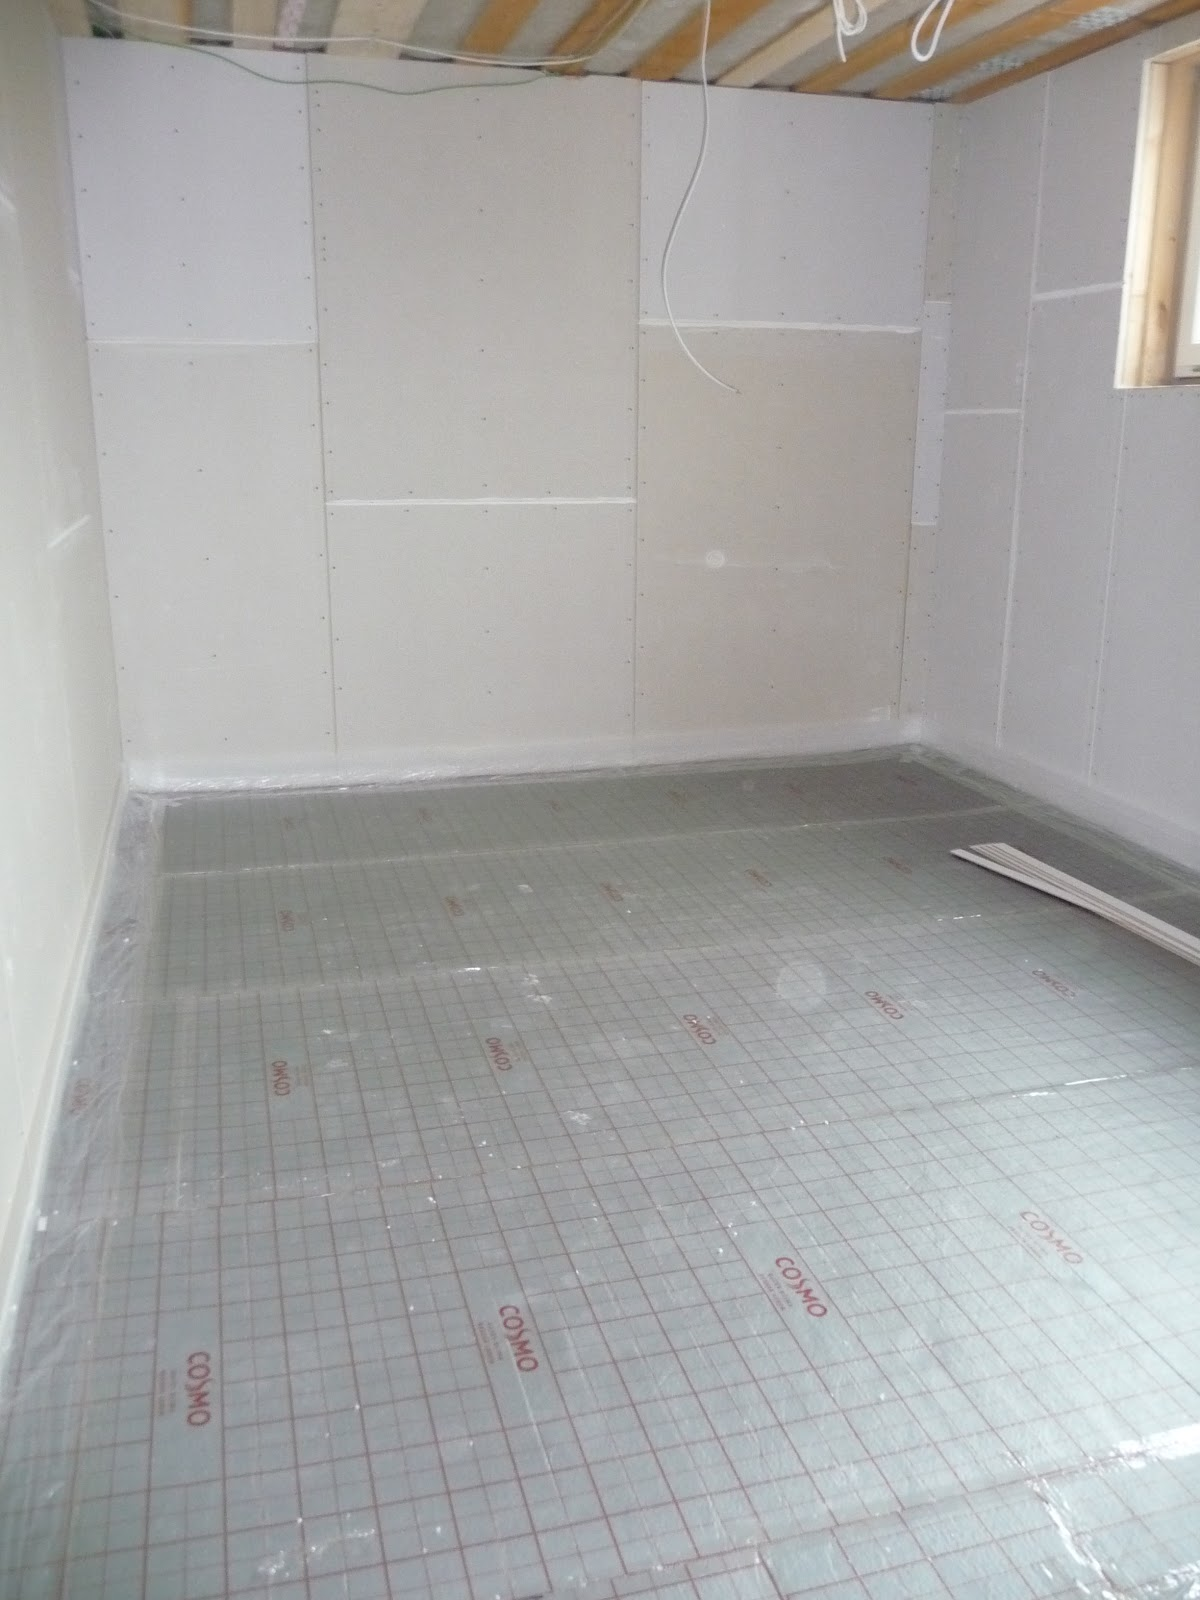 Tackerplatte Fußbodenheizung